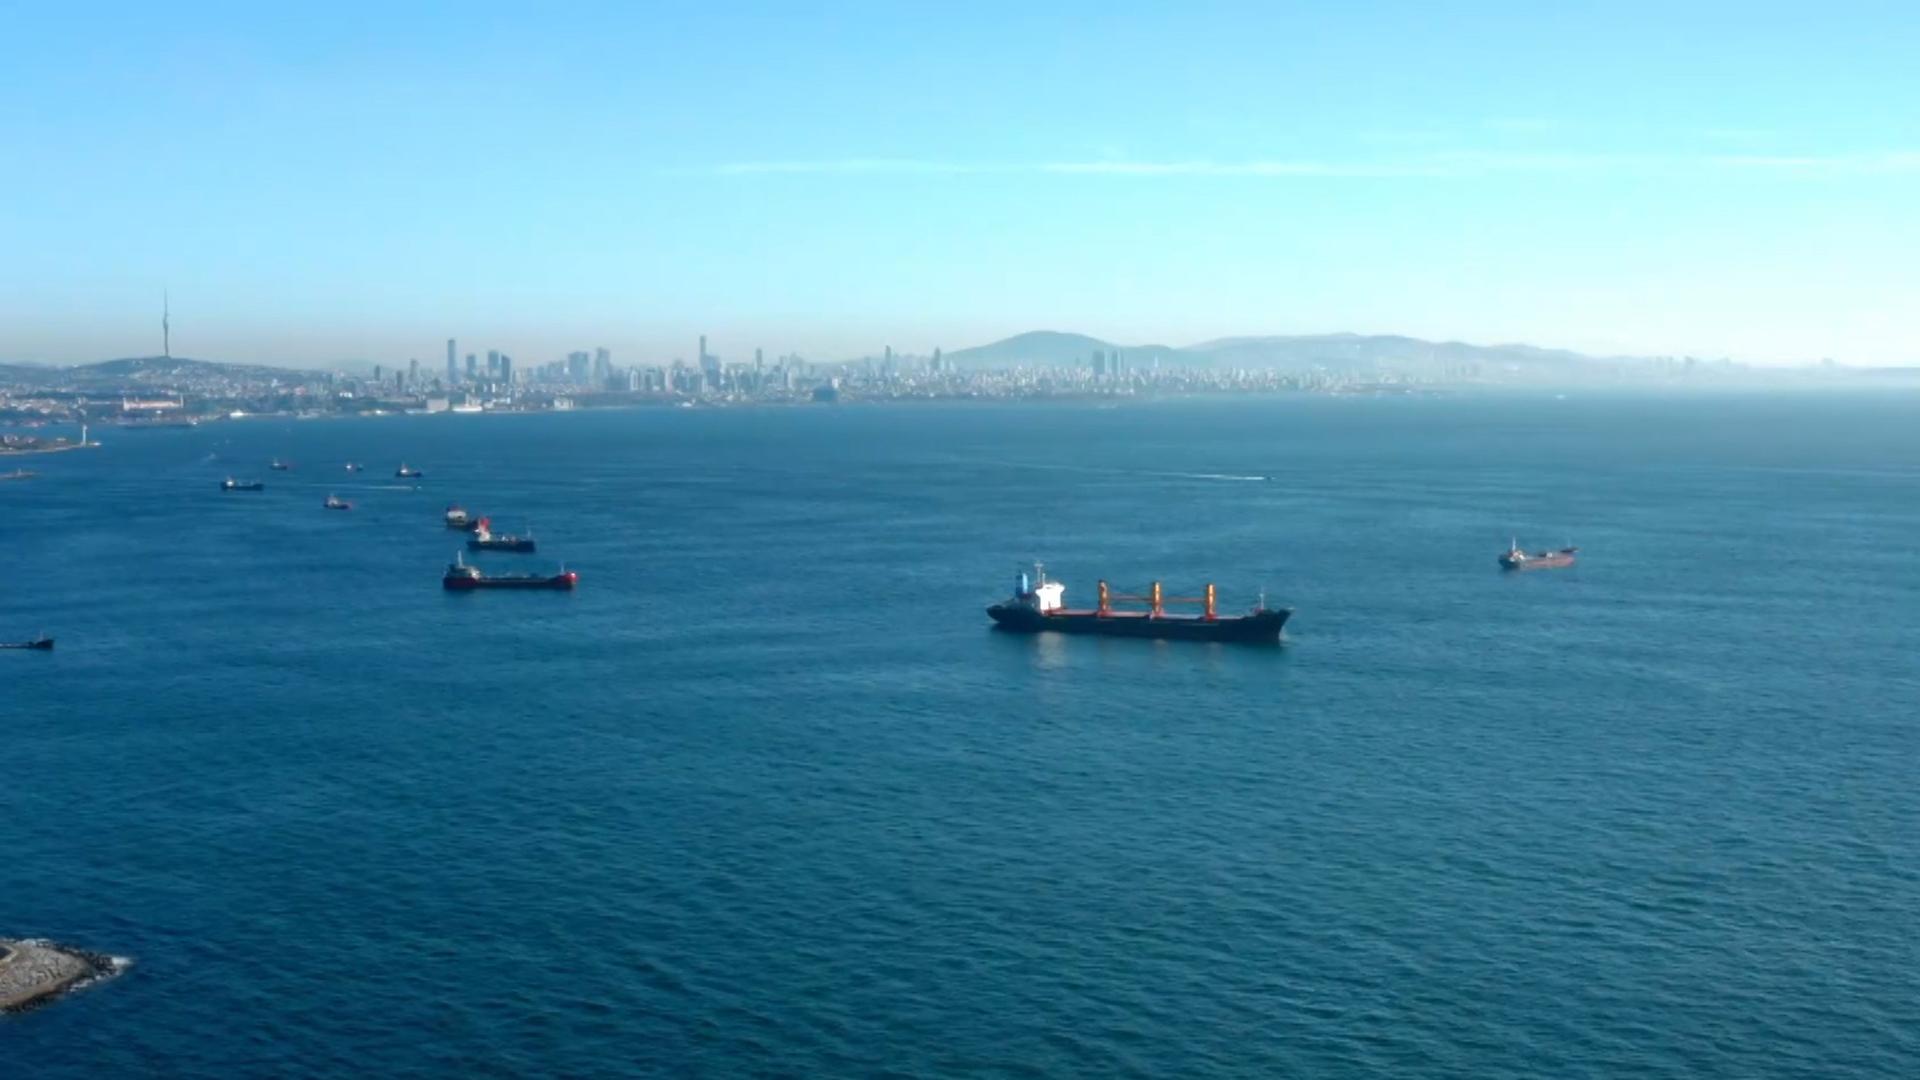 اكتشافات متتالية للغاز في البحر الأسود.. 6 أسئلة تشرح خطوات تركيا الجارية  والقادمة | تركيا | الجزيرة نت